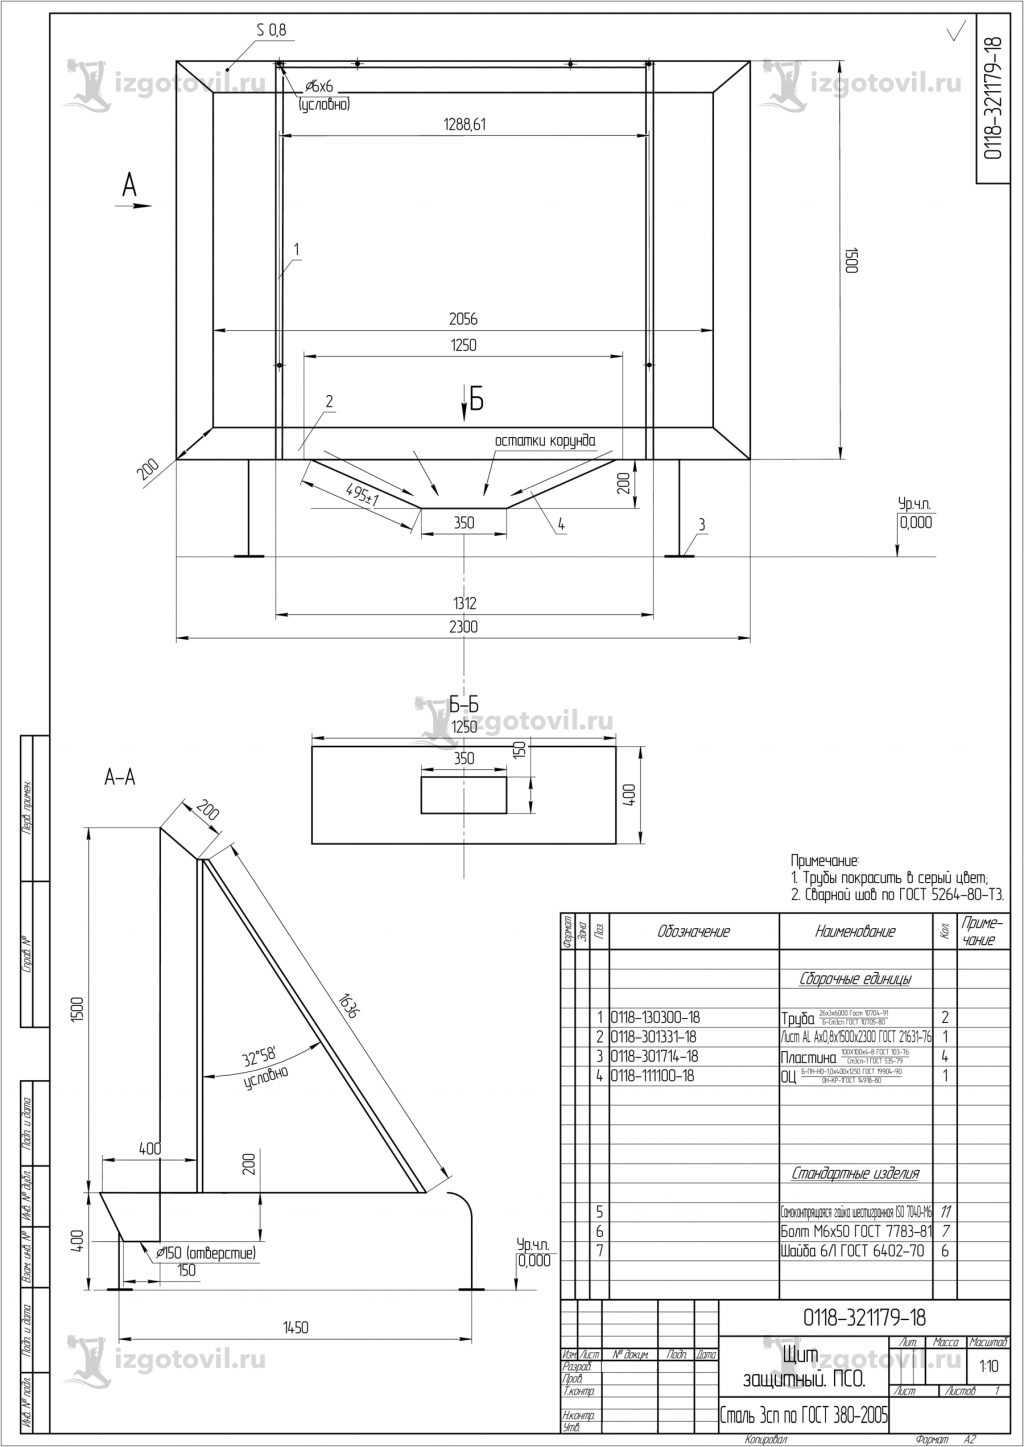 Изготовление металлоконструкций: защитный щит